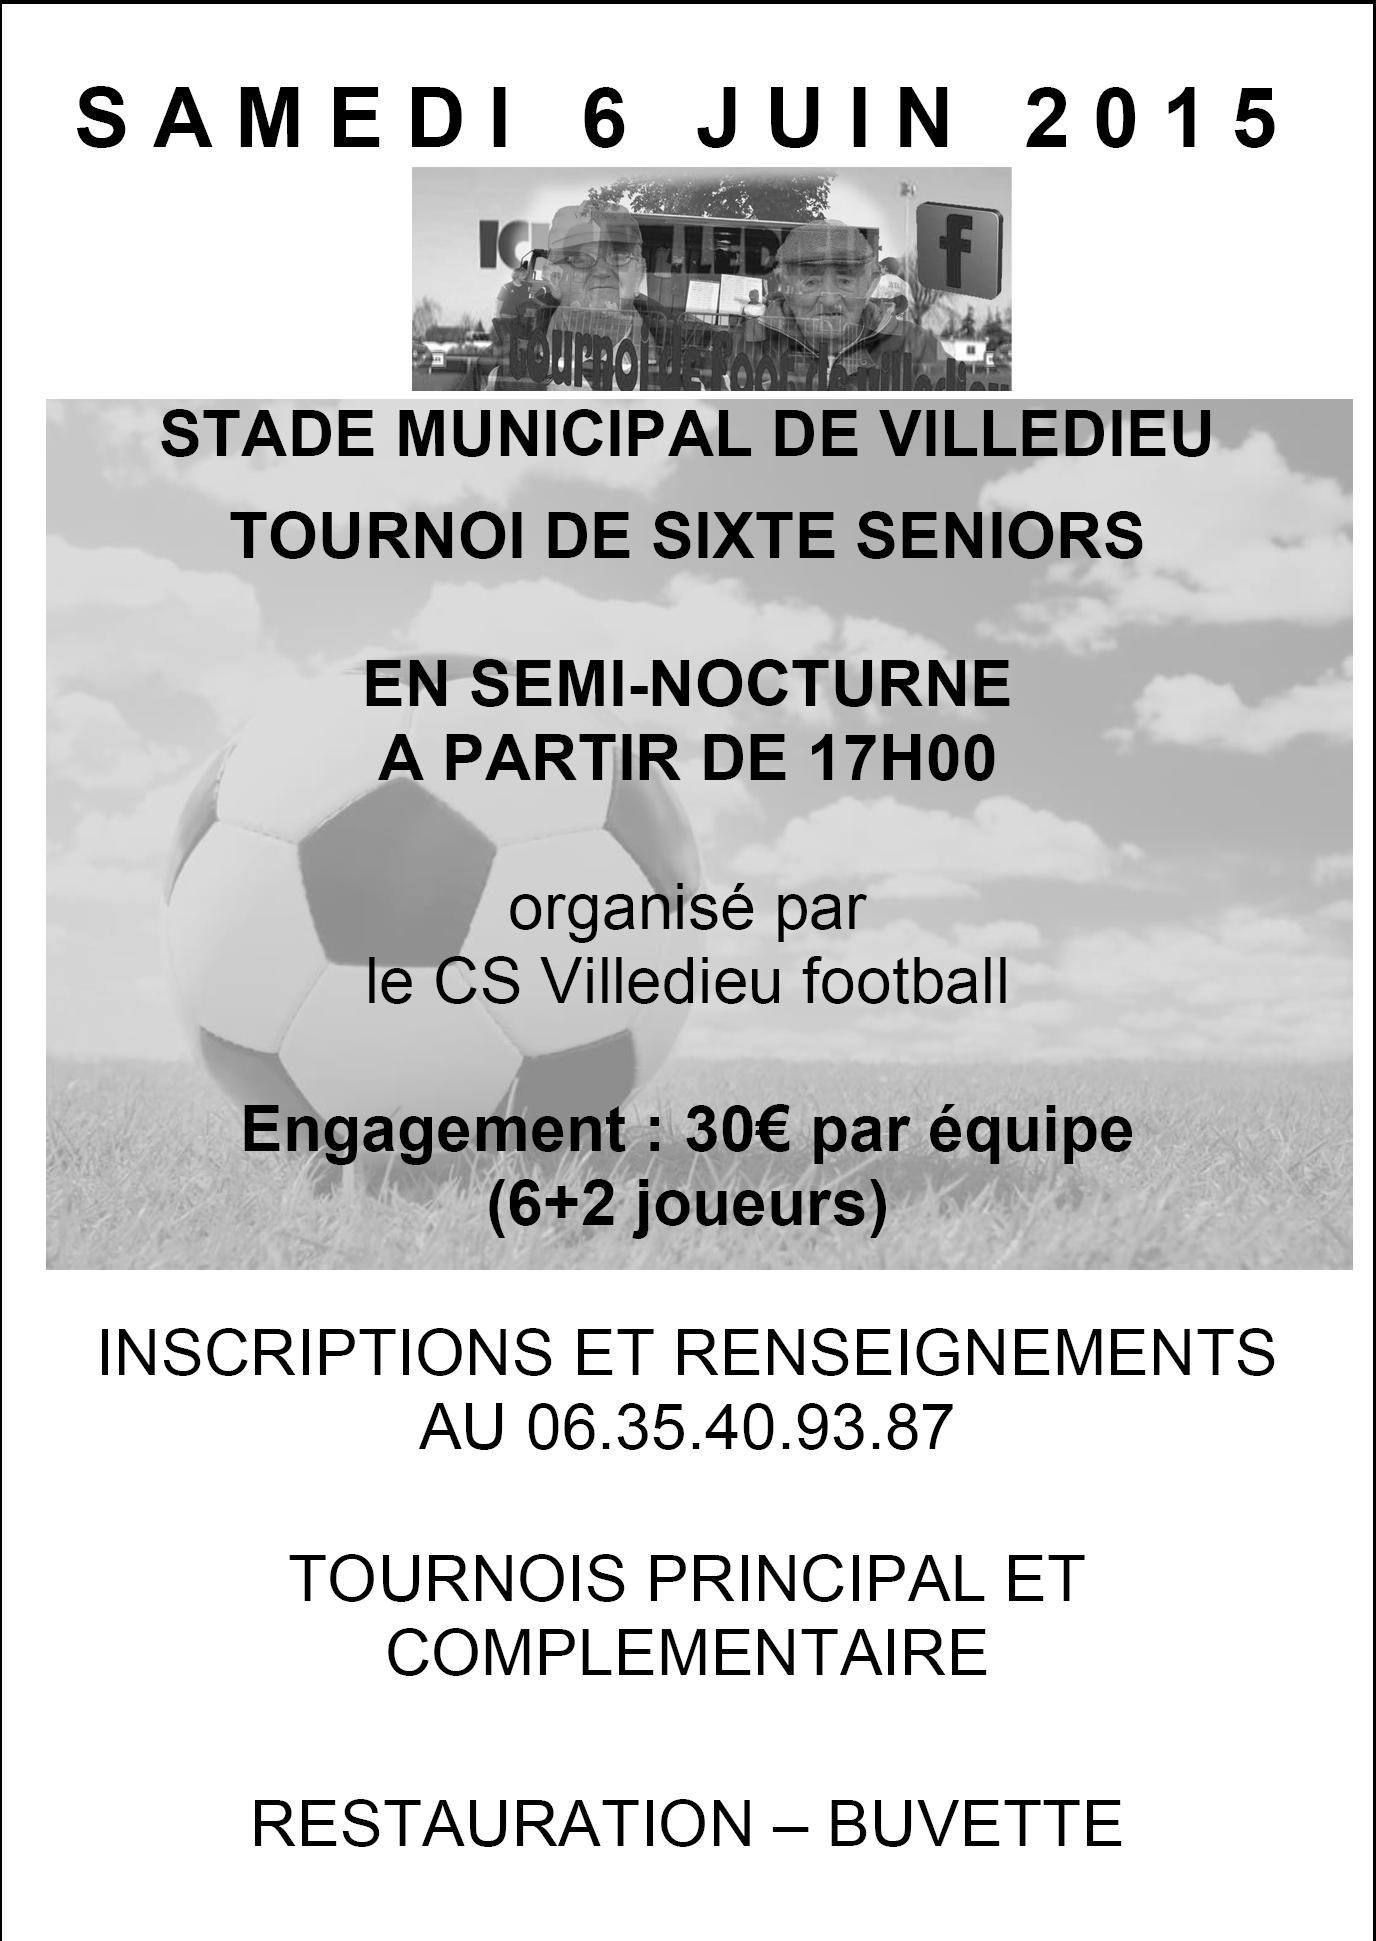 csv-double-affiche-tournois-2015-06-06-cs villedieu